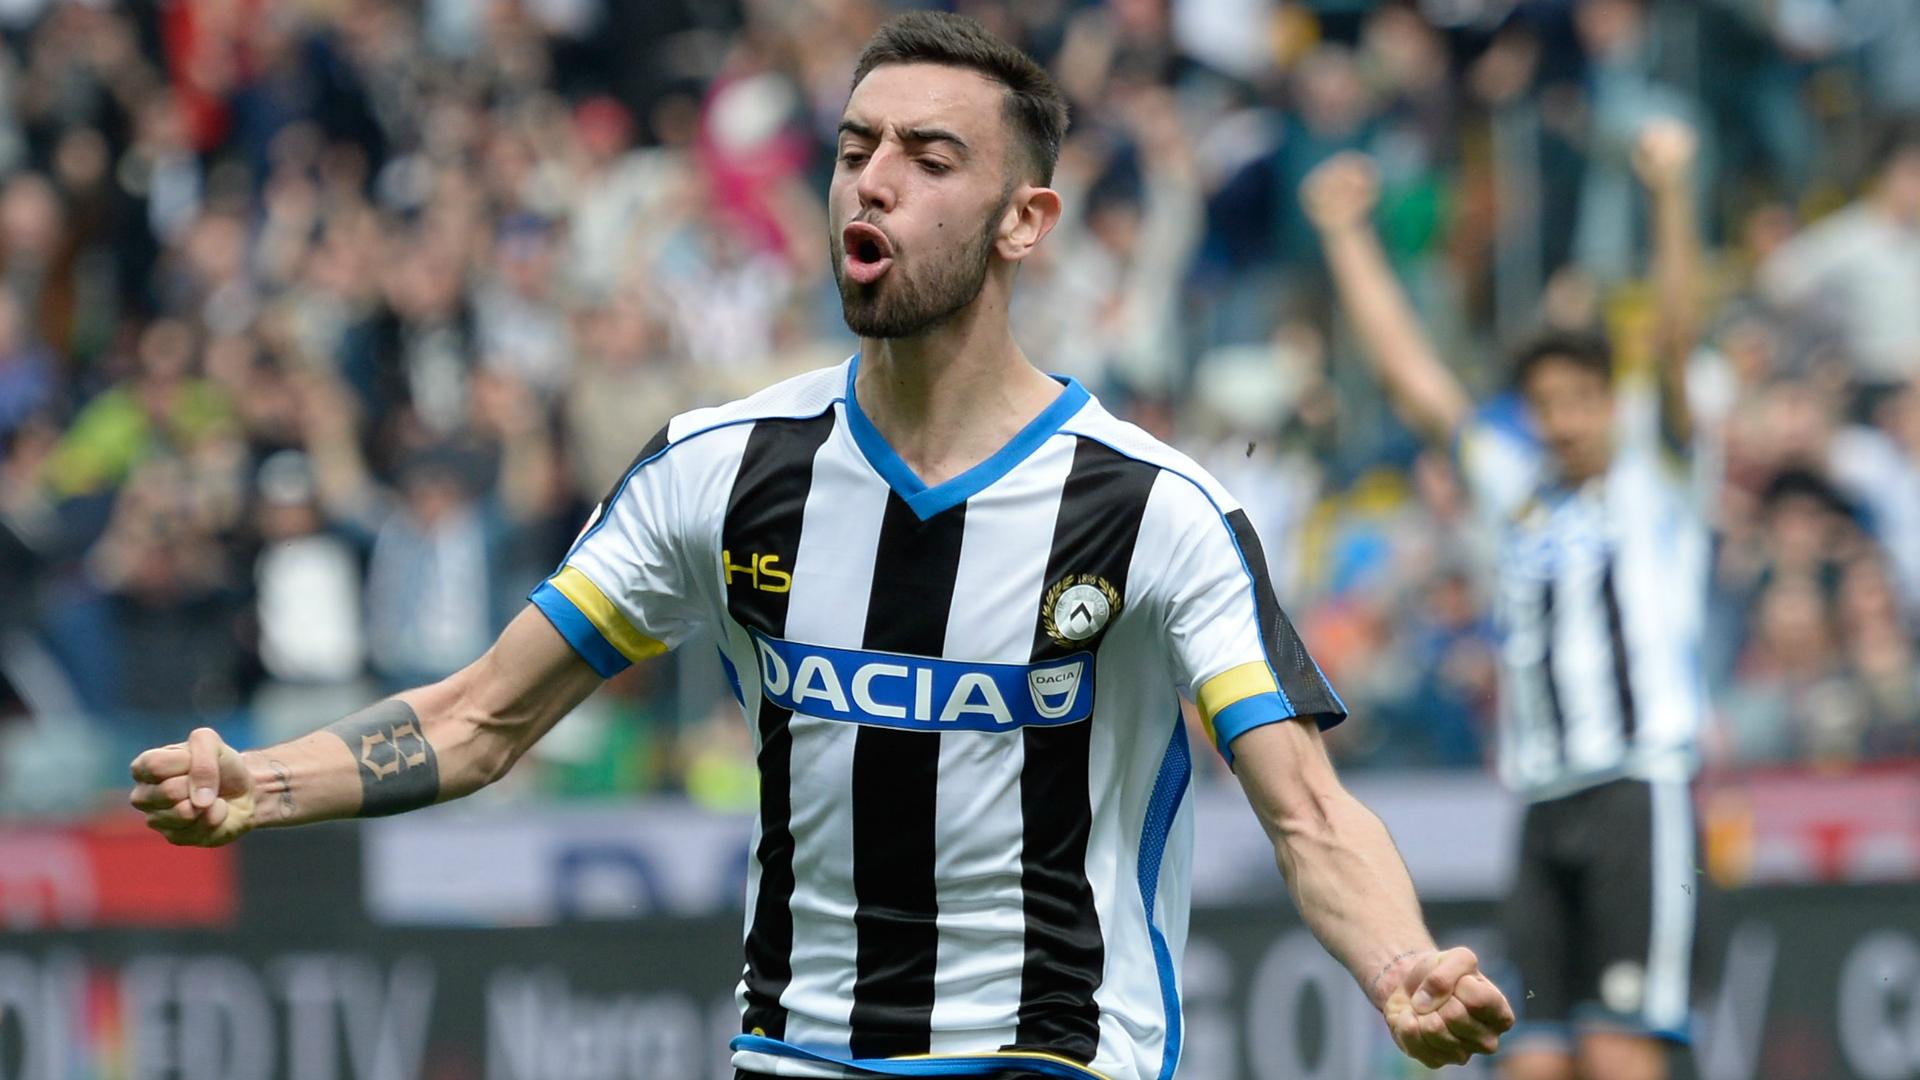 Calciomercato serie A, UFFICIALE: Bruno Fernandes è un nuovo giocatore della Sampdoria